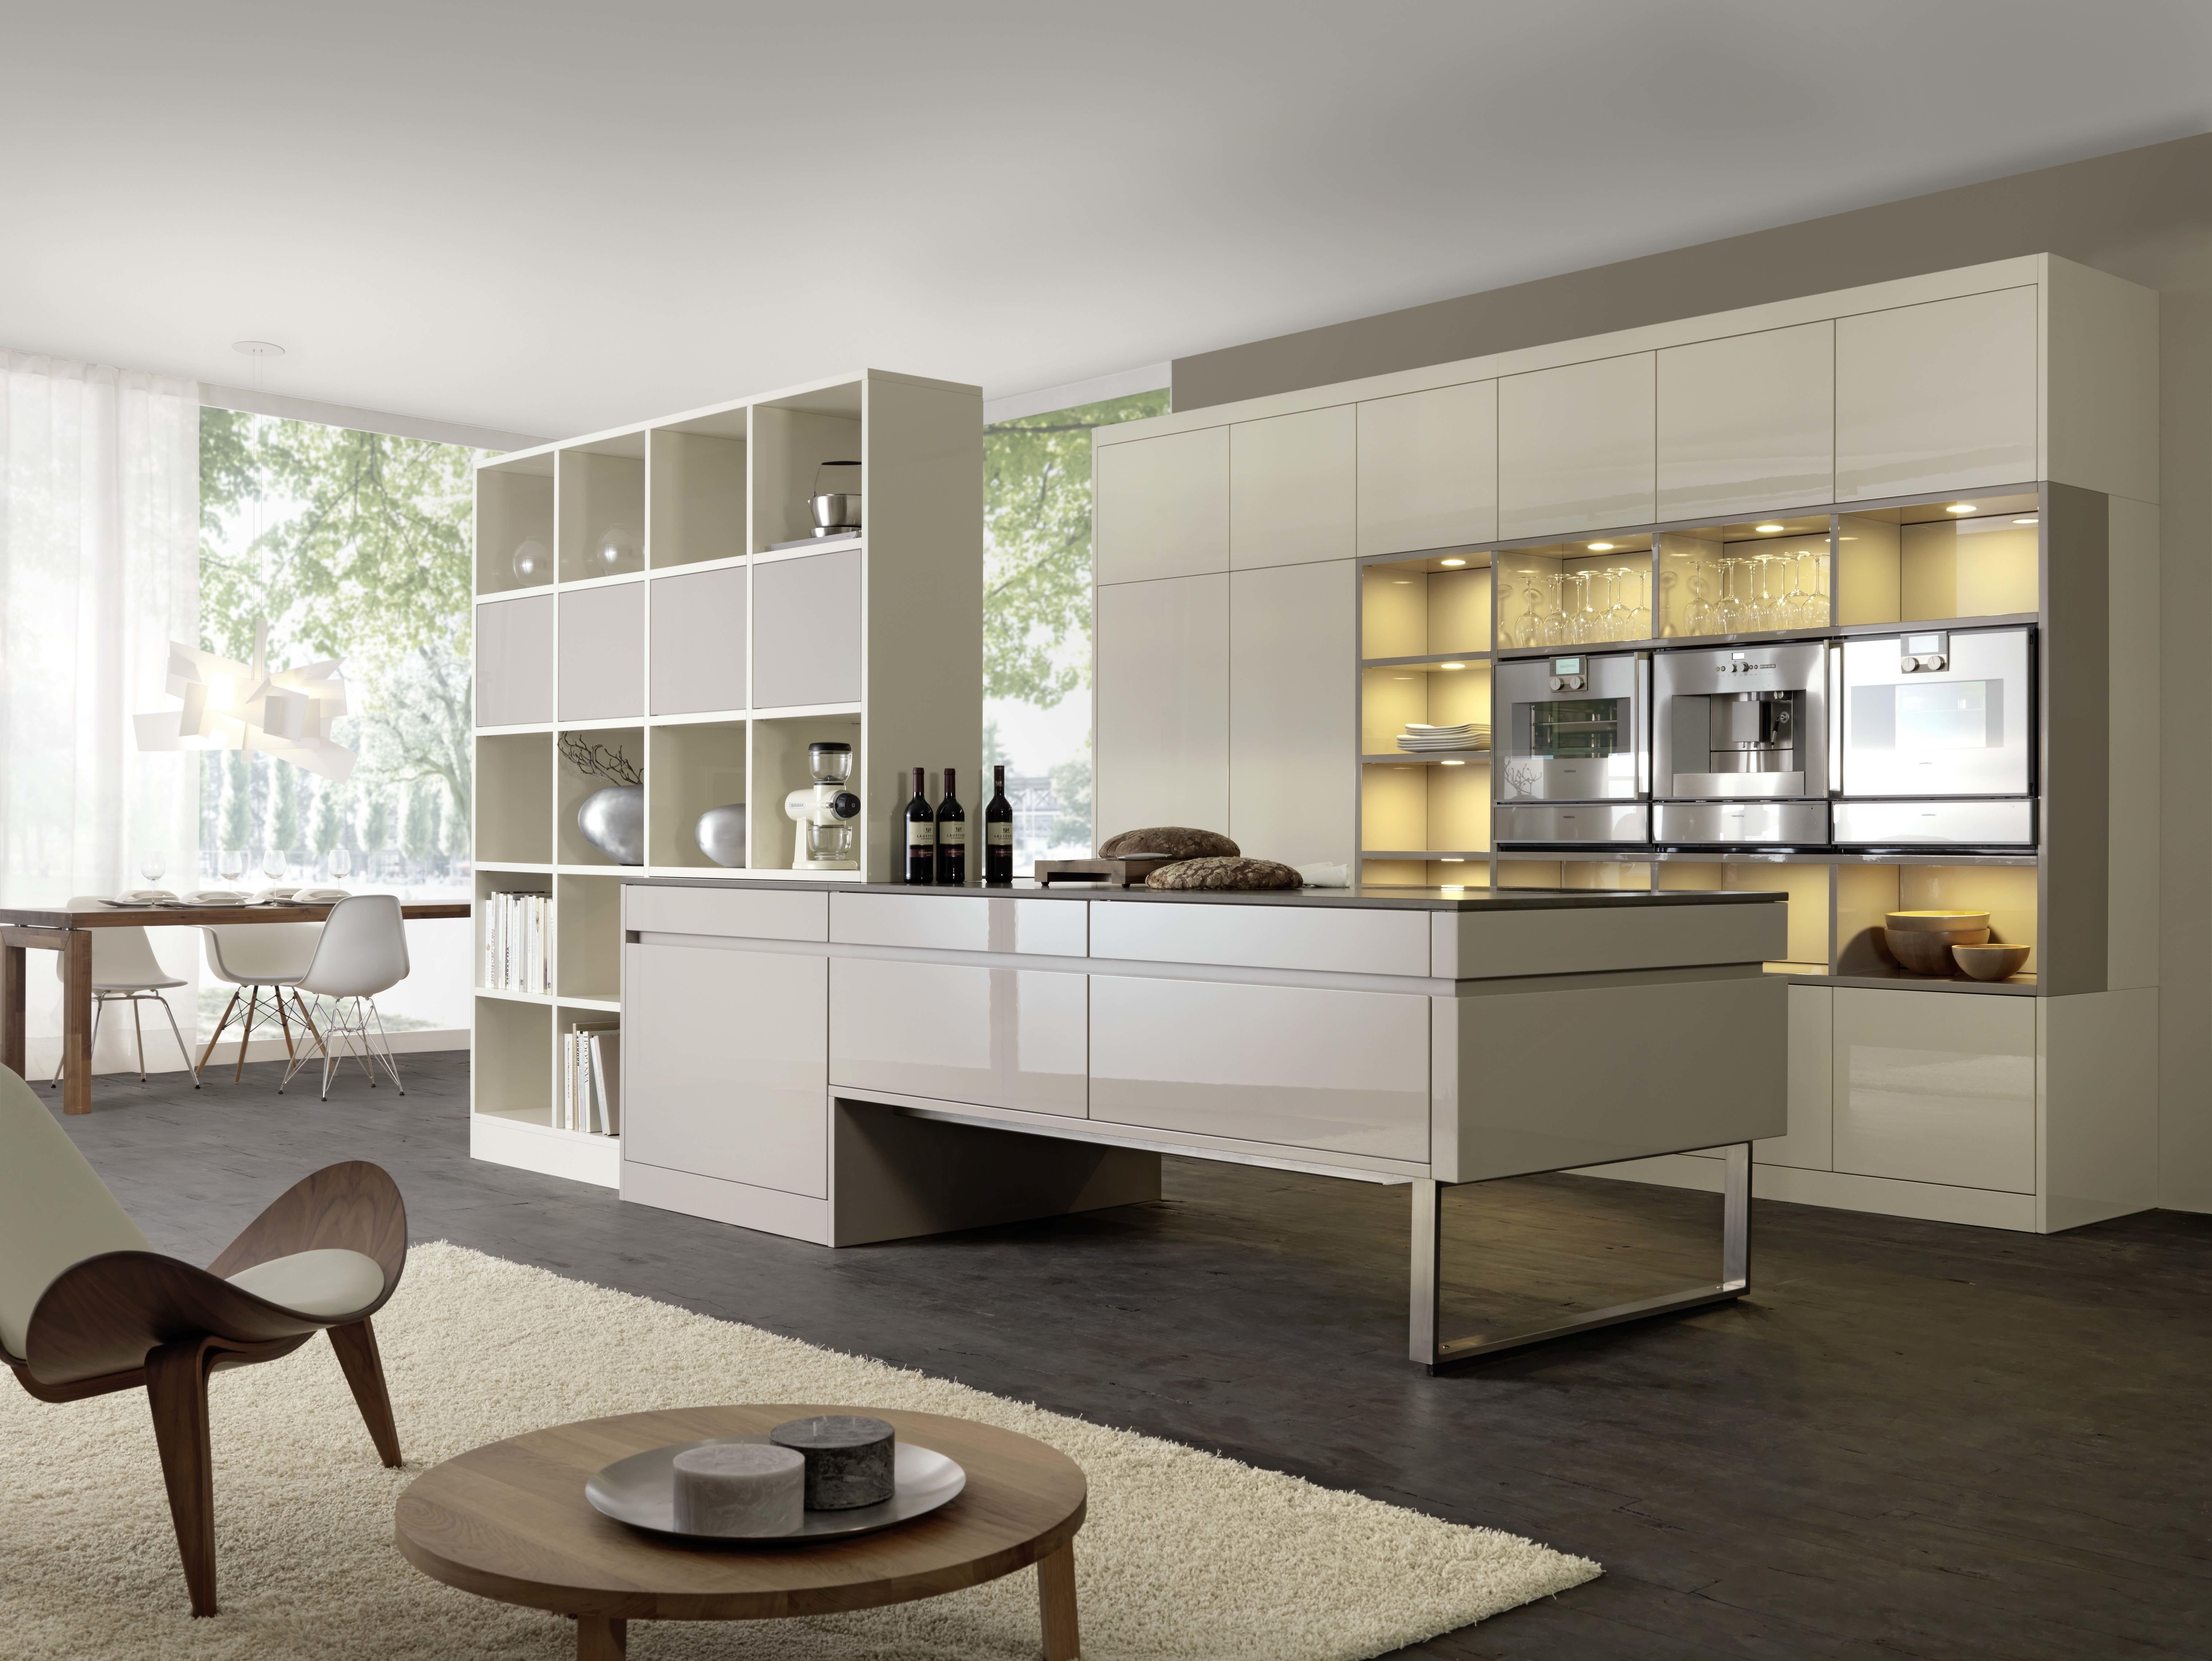 Fondos de pantalla : habitación, interior, mesa, cocina ...